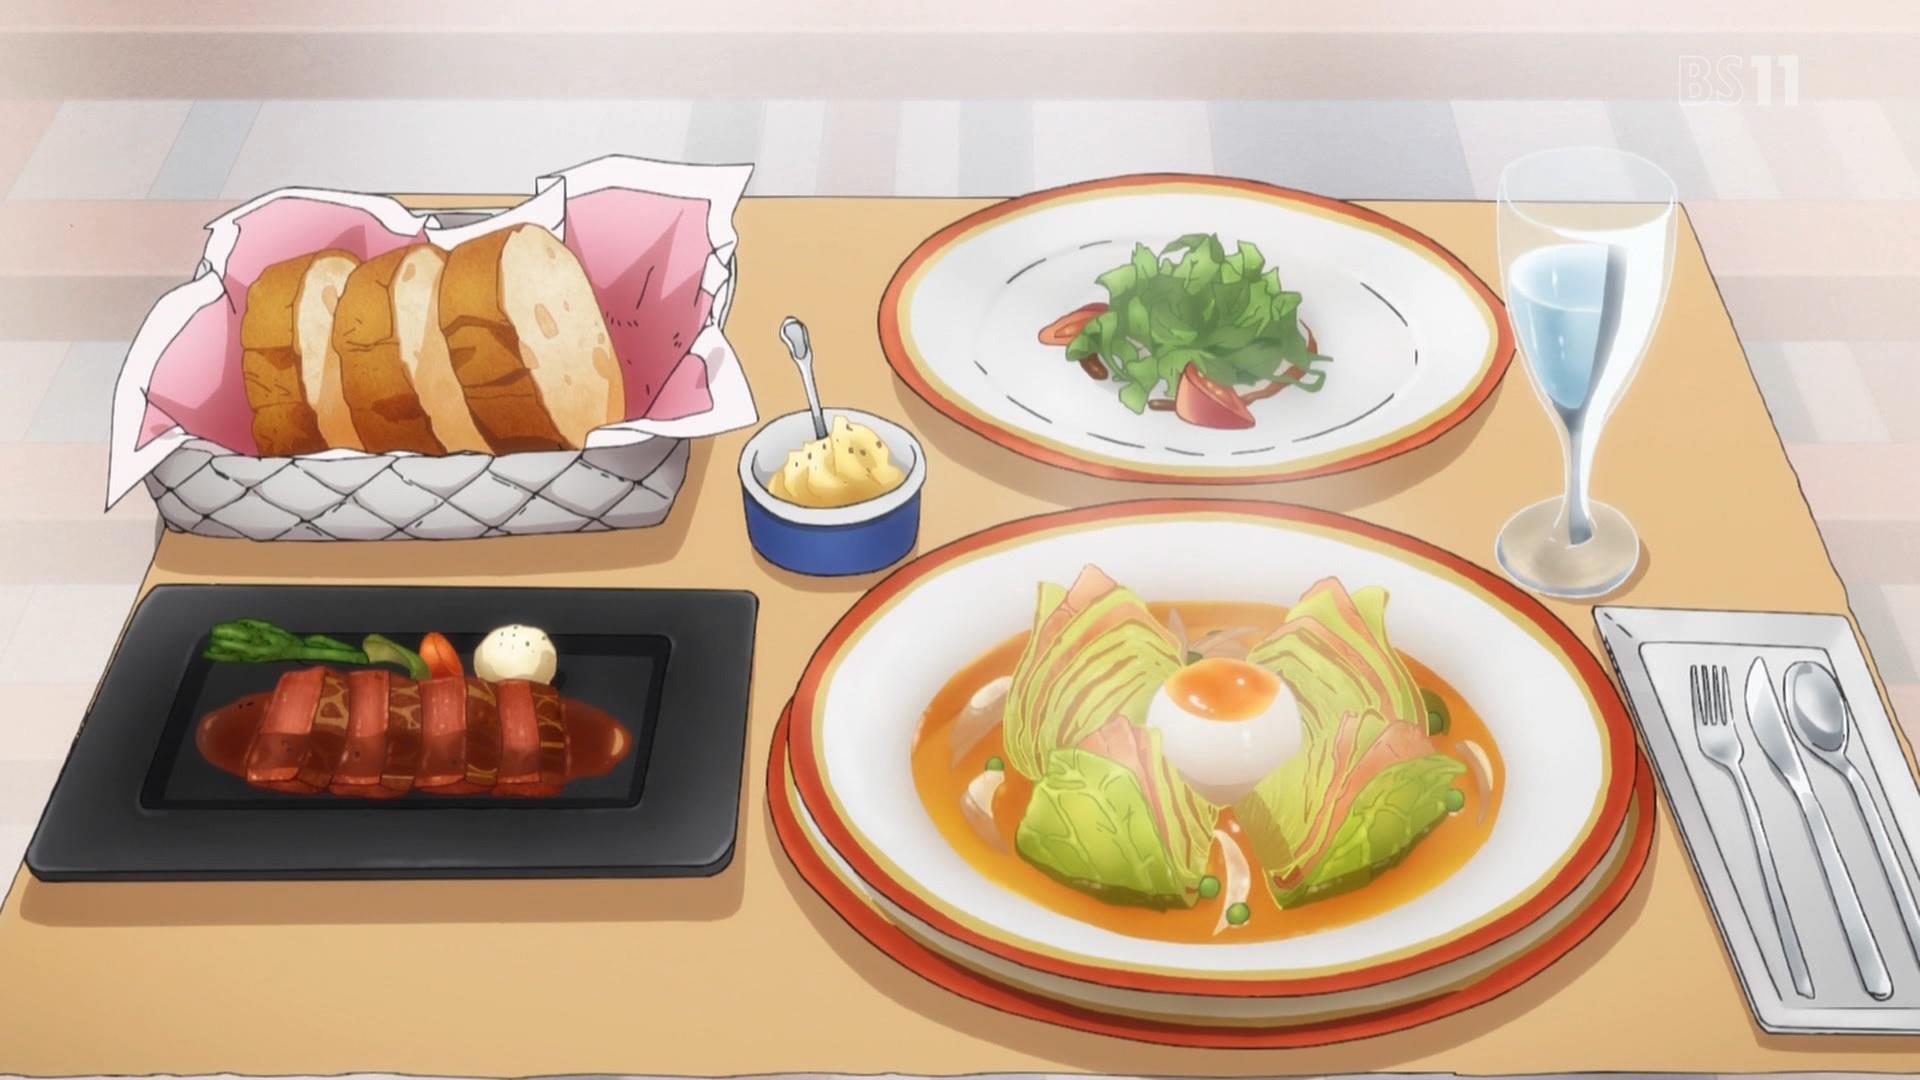 山田エルフの手料理(エロマンガ先生4話画像)